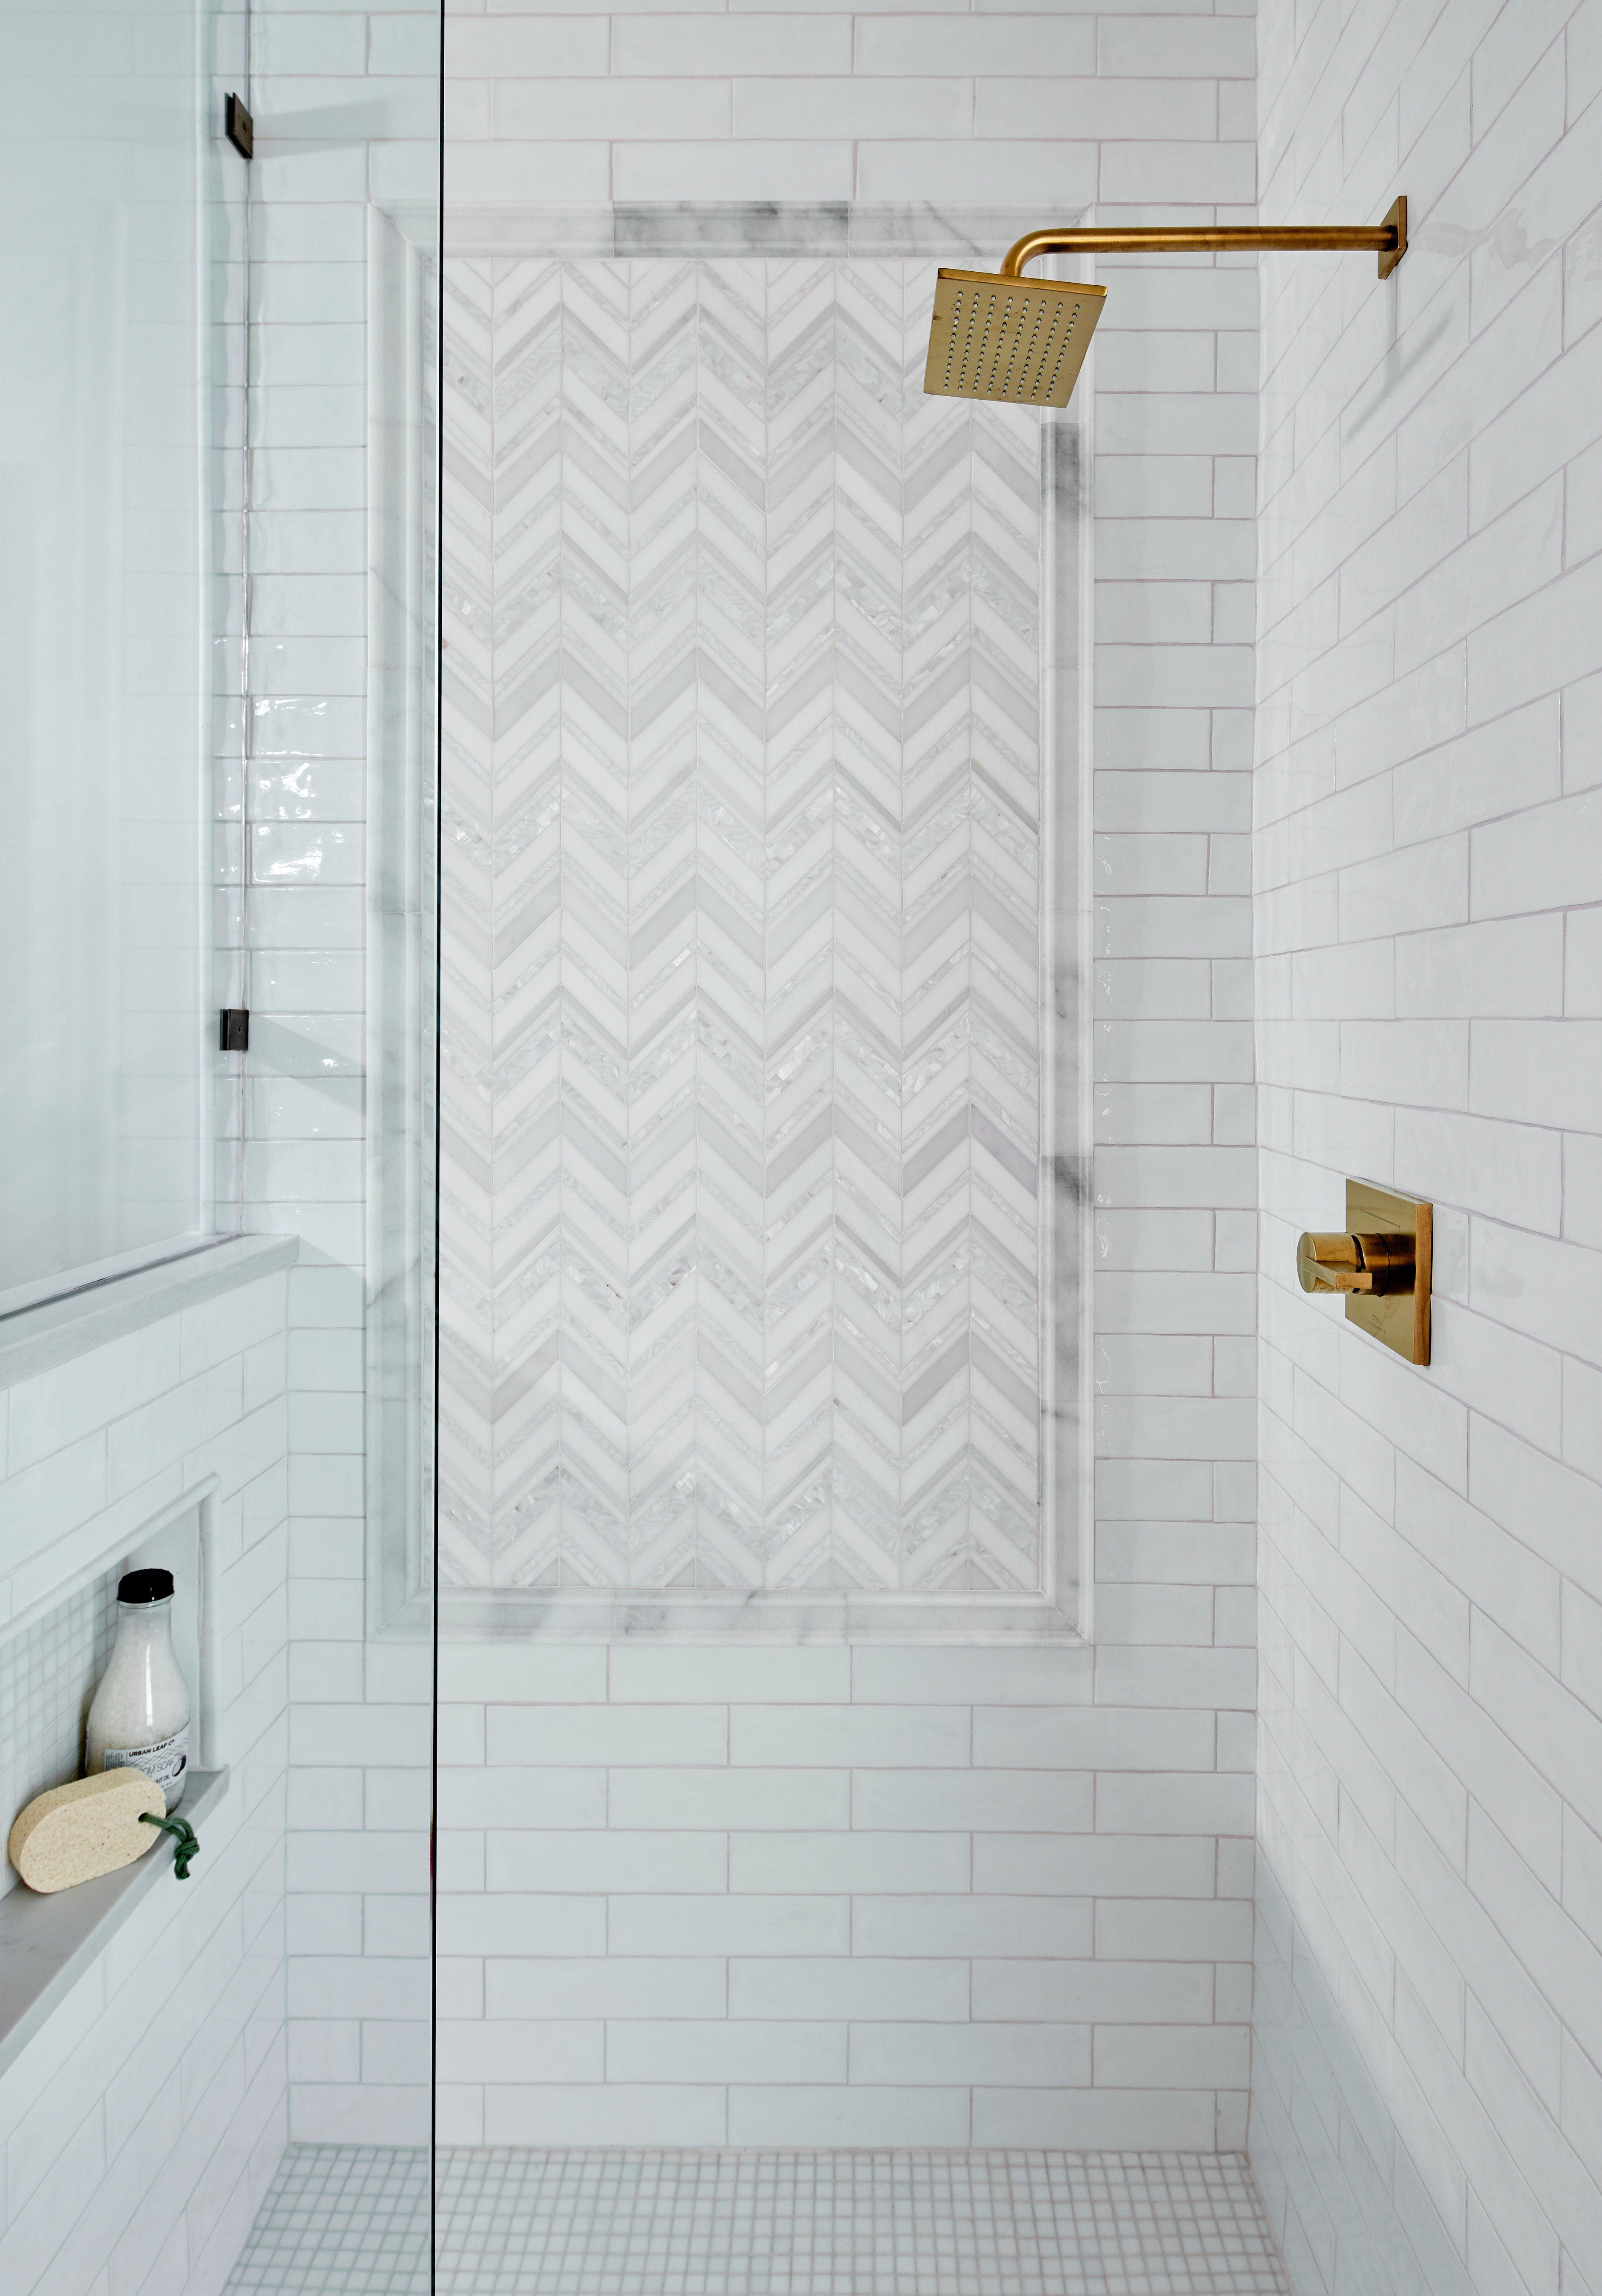 Herringbone Tile Shower Panel Waterfallcountertop This Modern Guest Bathroom Is A Work Of Art With Master Bathroom Remodel Shower Shower Tile Herringbone Tile